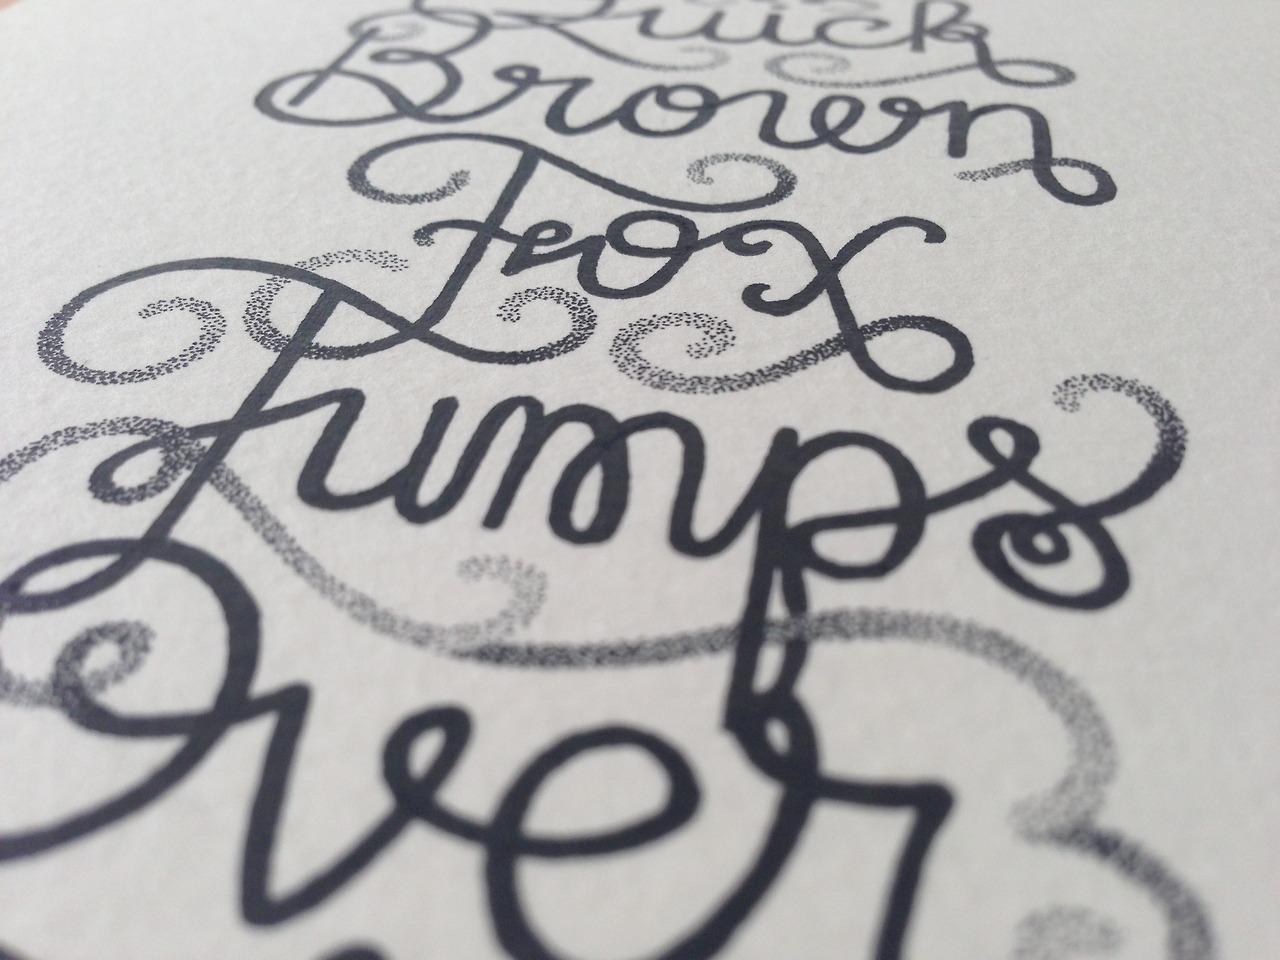 xavier-casalta-typography-oldskull-12